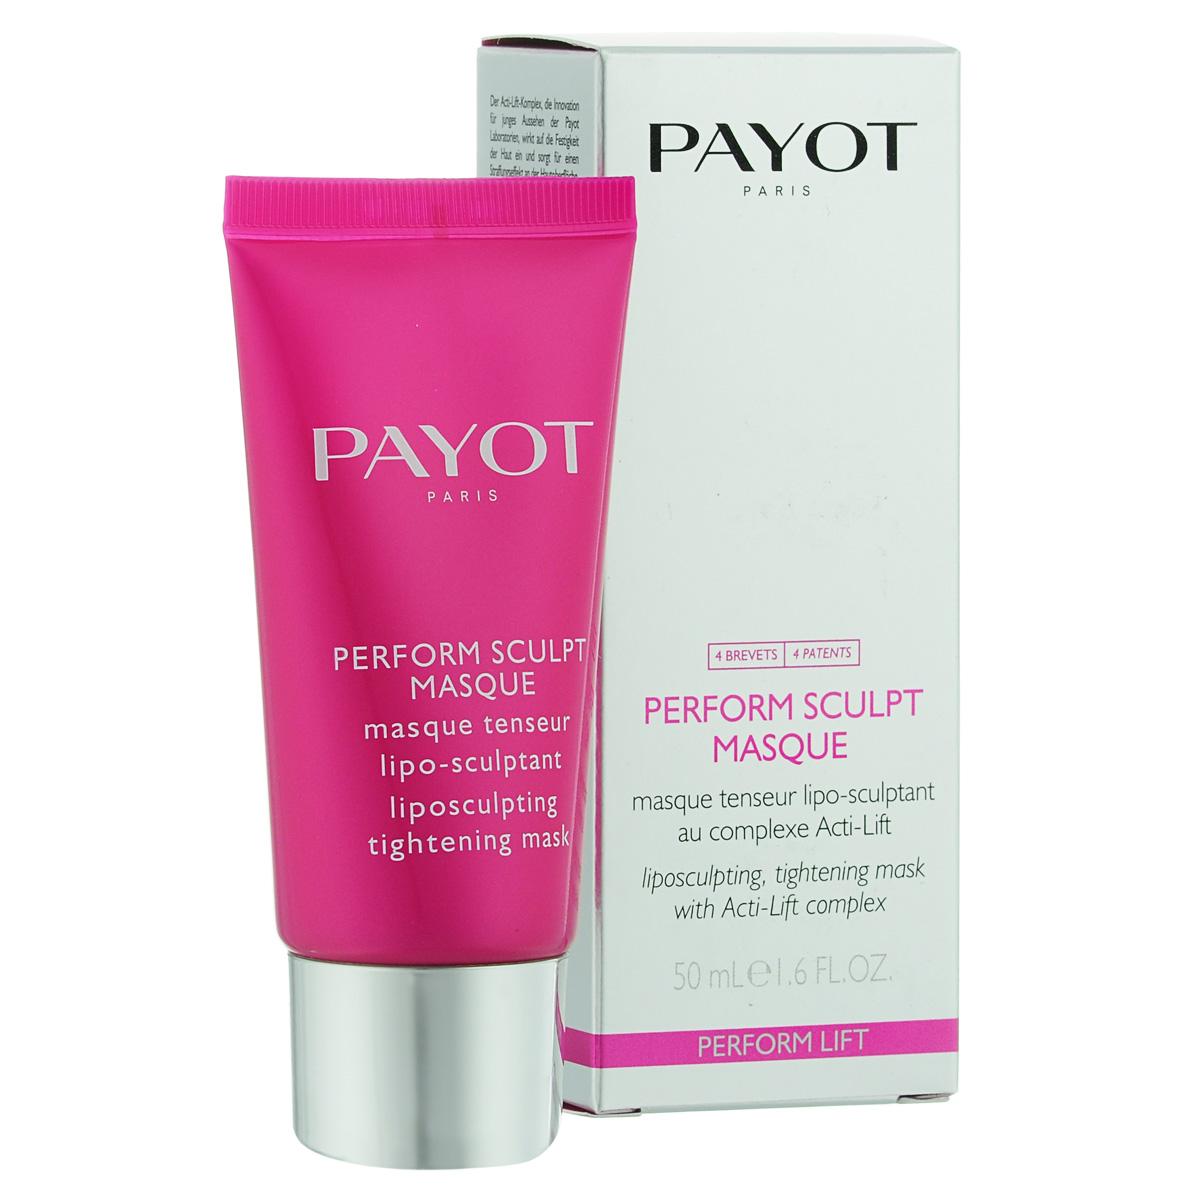 Payot Моделирующая маска Perform Lift для лица с эффектом лифтинга 50 мл65092176Маска прекрасно подтягивает и разглаживает кожу; снимает напряжение; делает контур лица более четким.Используйте маску 1-2 раза в неделю. Нанесите толстым слоем на кожу лица, шеи и декольте на 15 минут, удалите излишки салфеткой, далее используйте тоник.